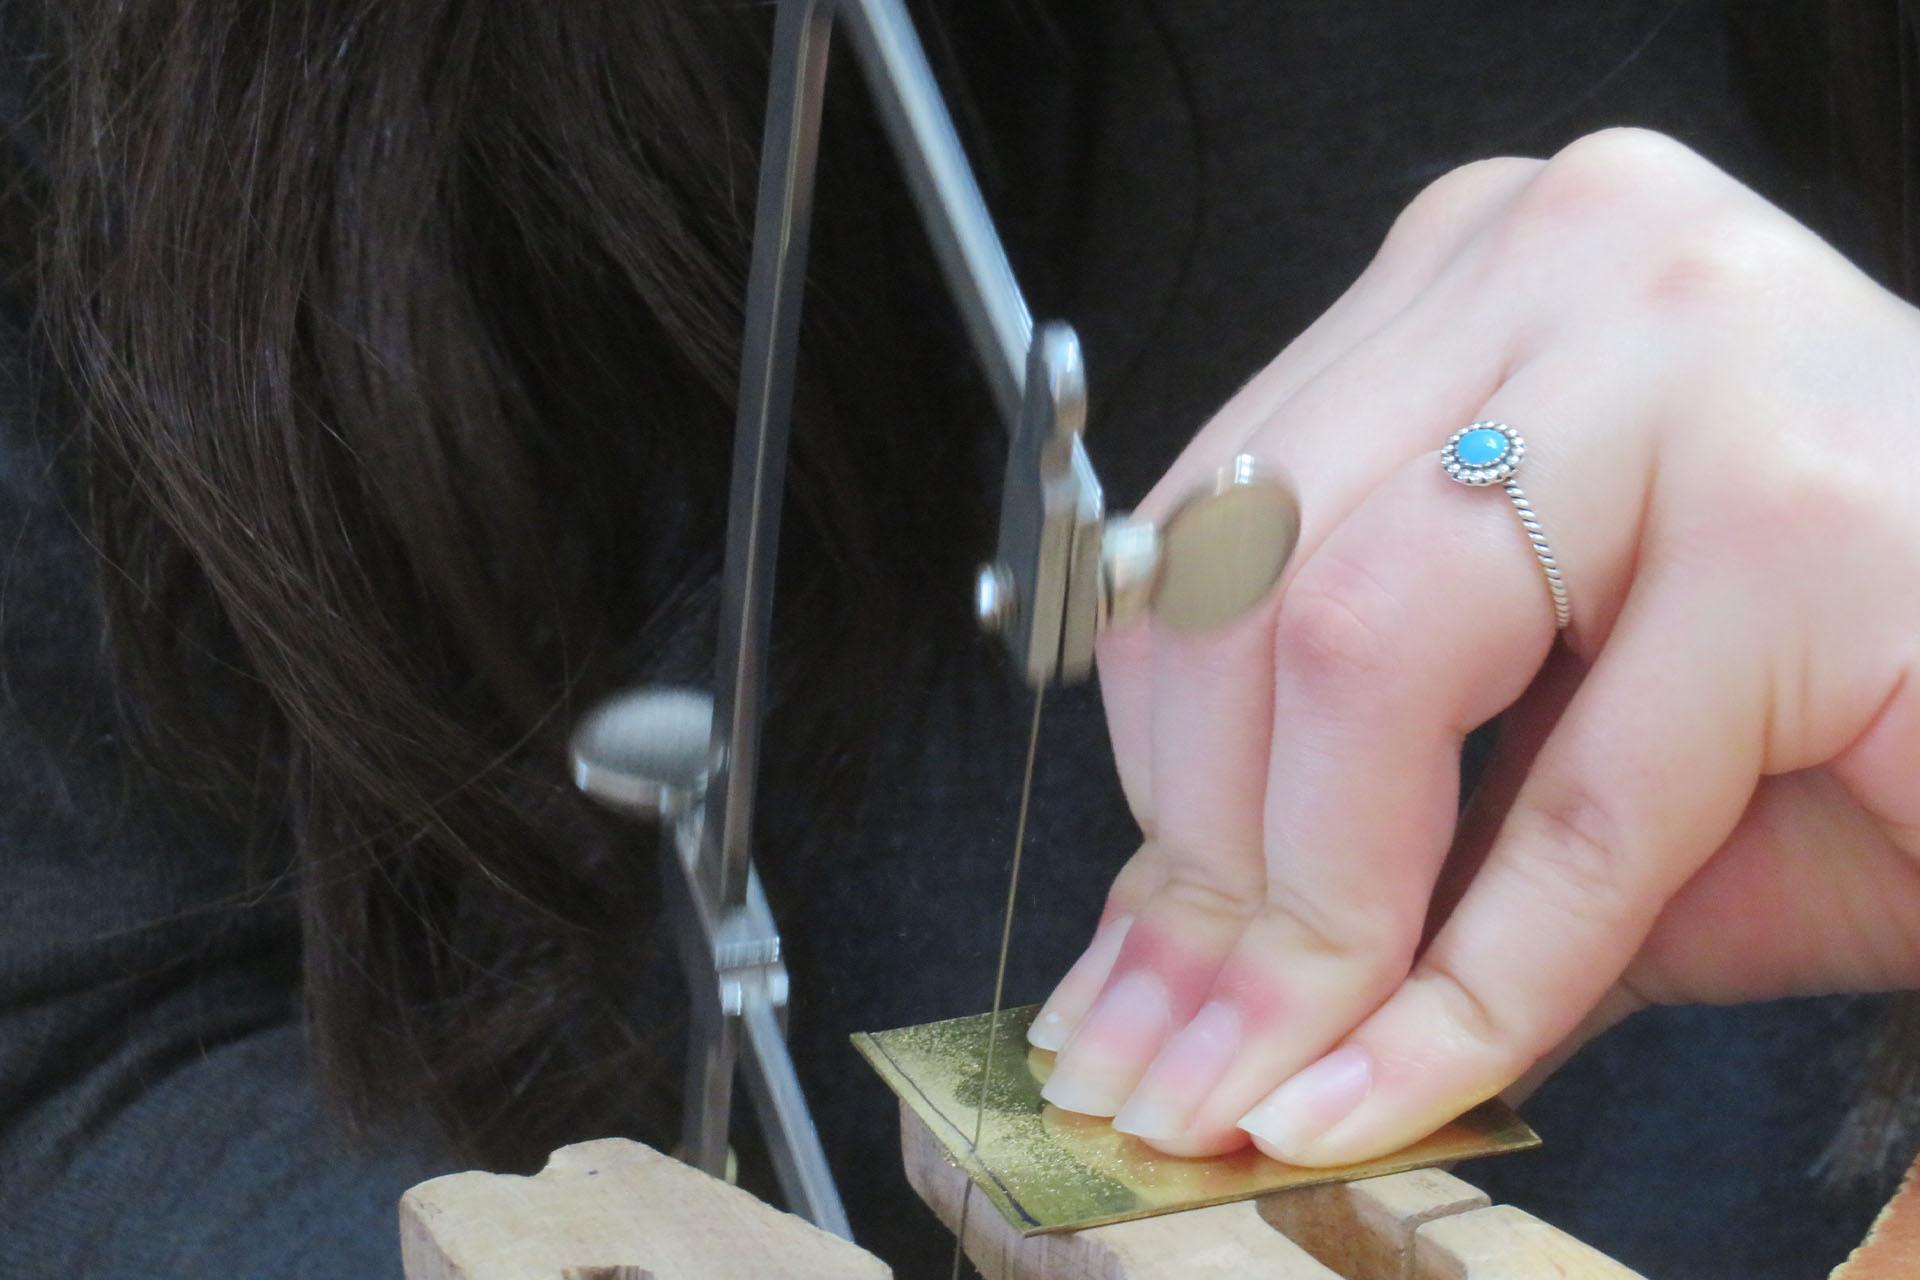 סדנא לעיצוב תכשיטים